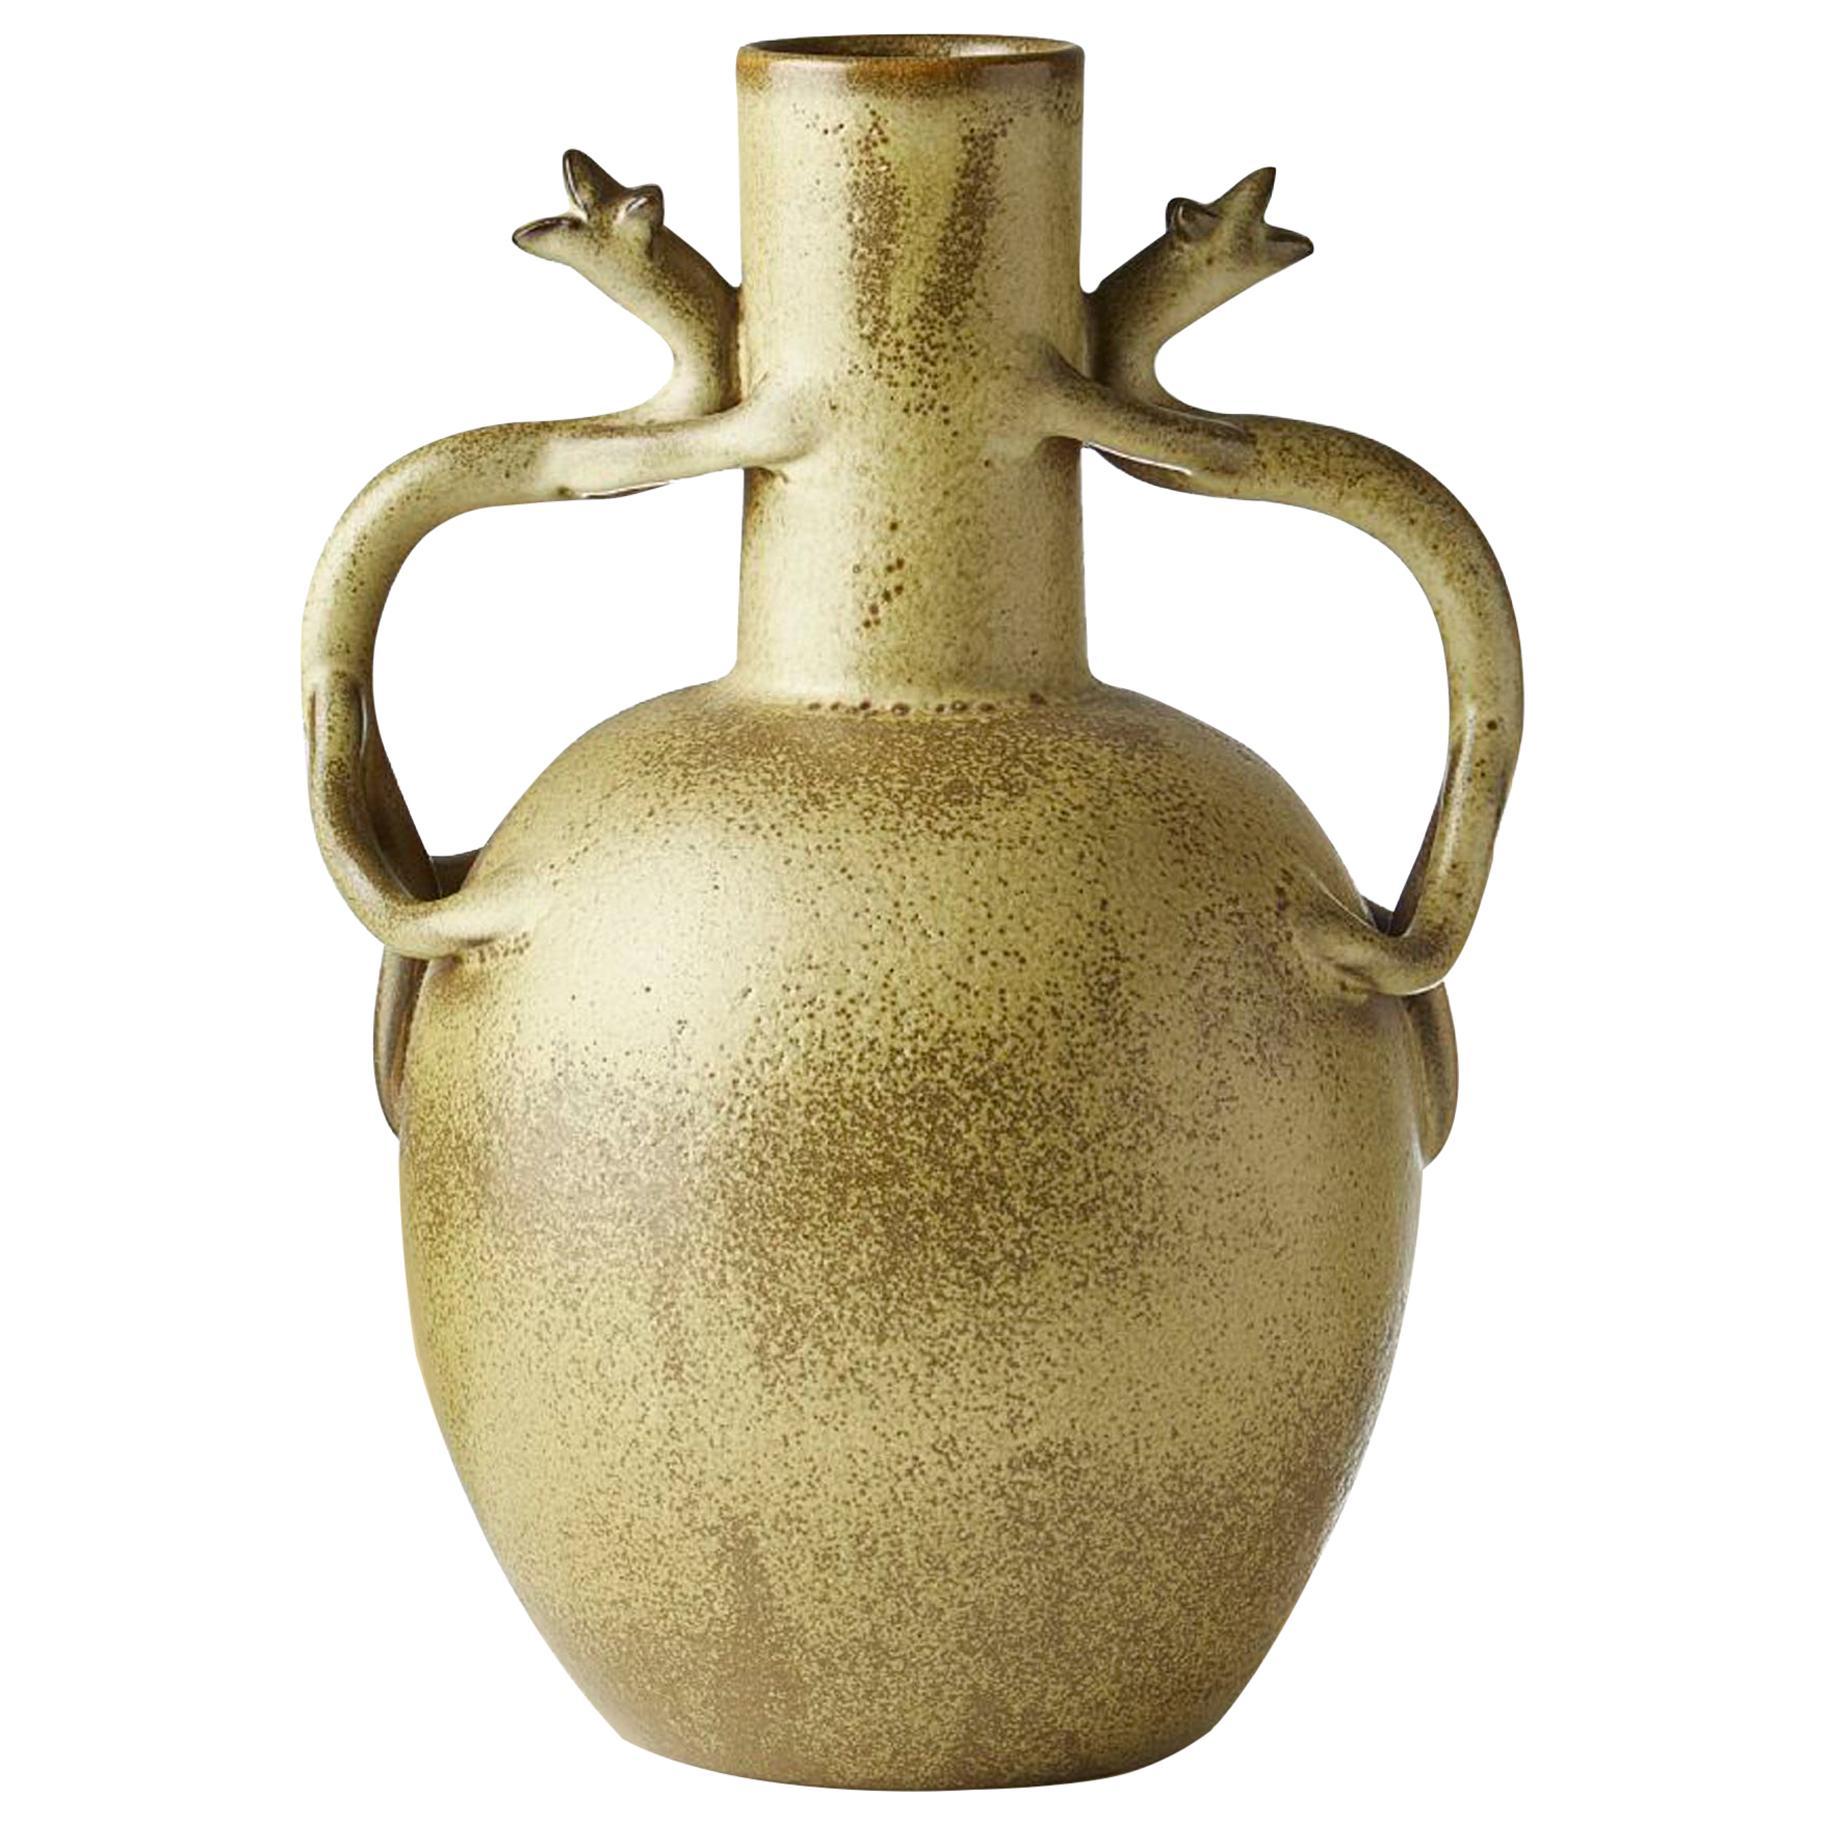 Scandinavian Modern Speckled Vase with Handles, Ewald Dahlskog for Bo Fajans